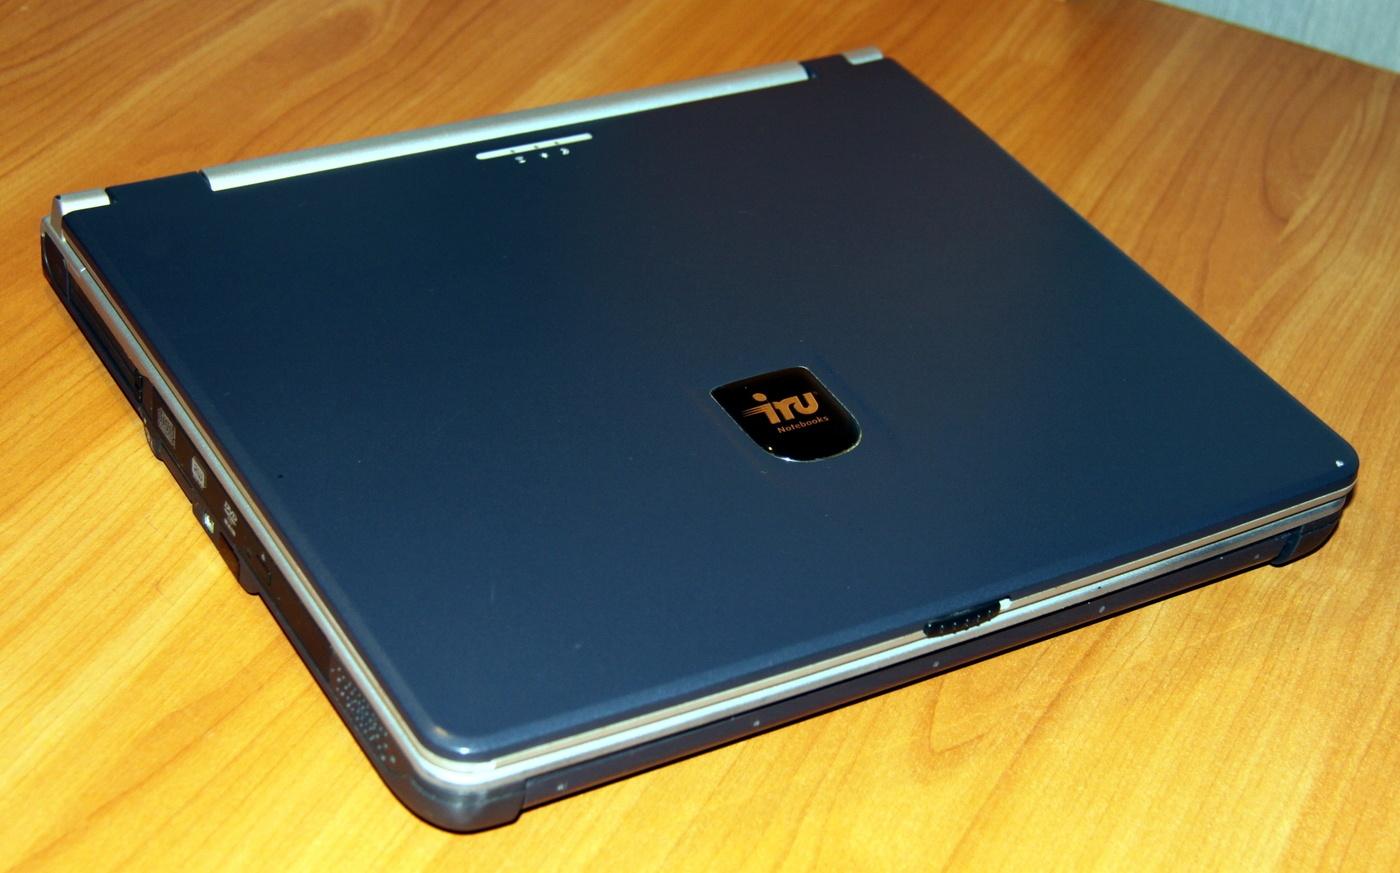 Обзор отечественного ноутбука iRU Brava-4215COMBO, выпущенного в 2004 году (Часть 1) - 1